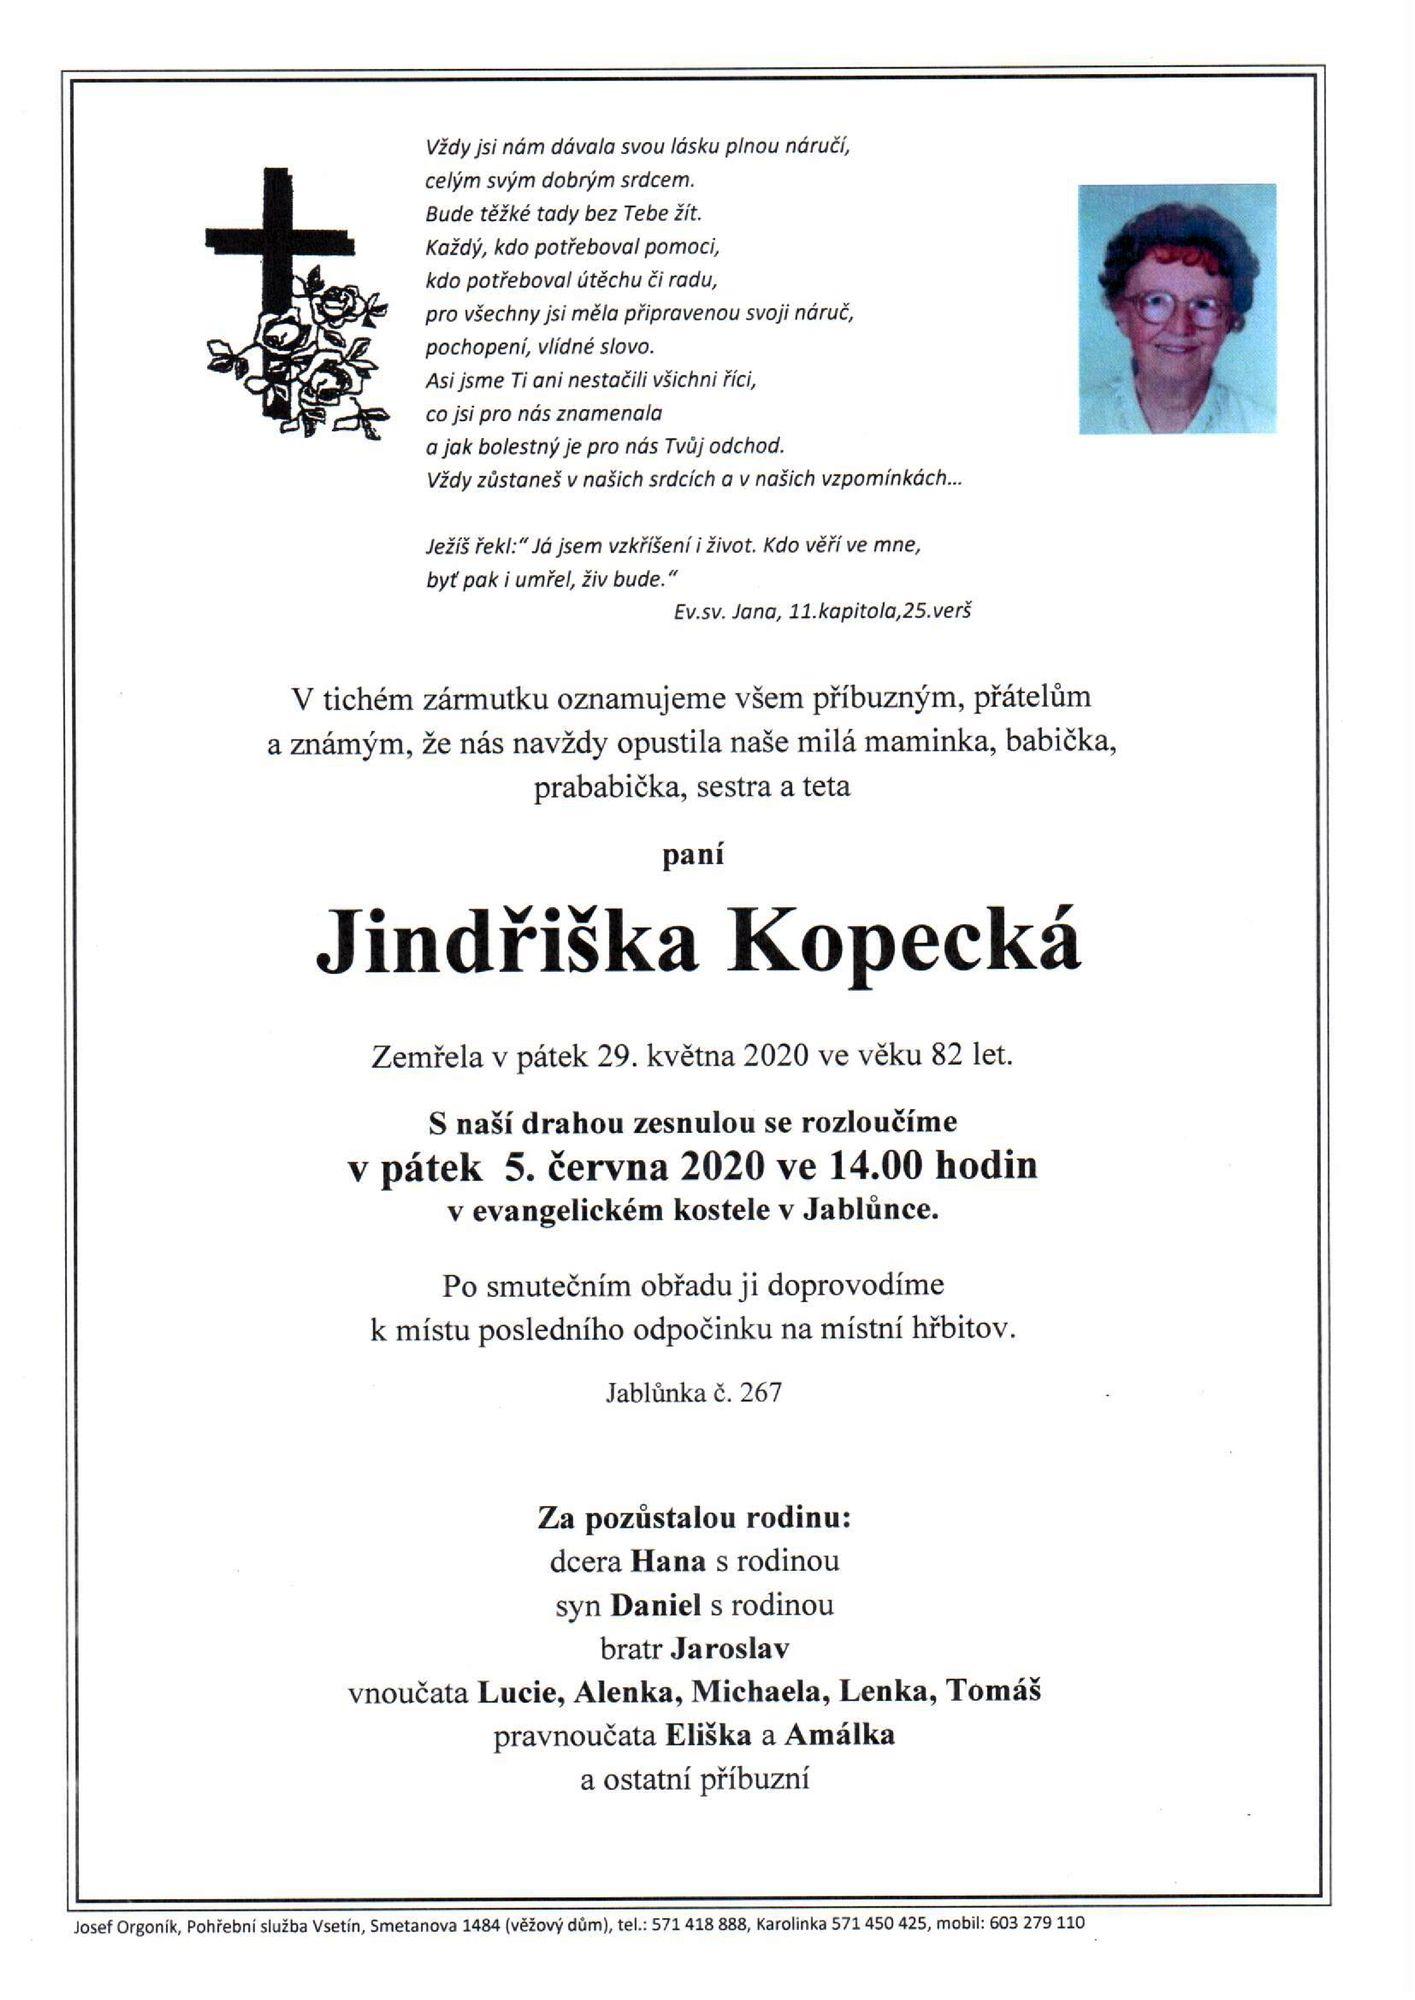 Jindřiška Kopecká